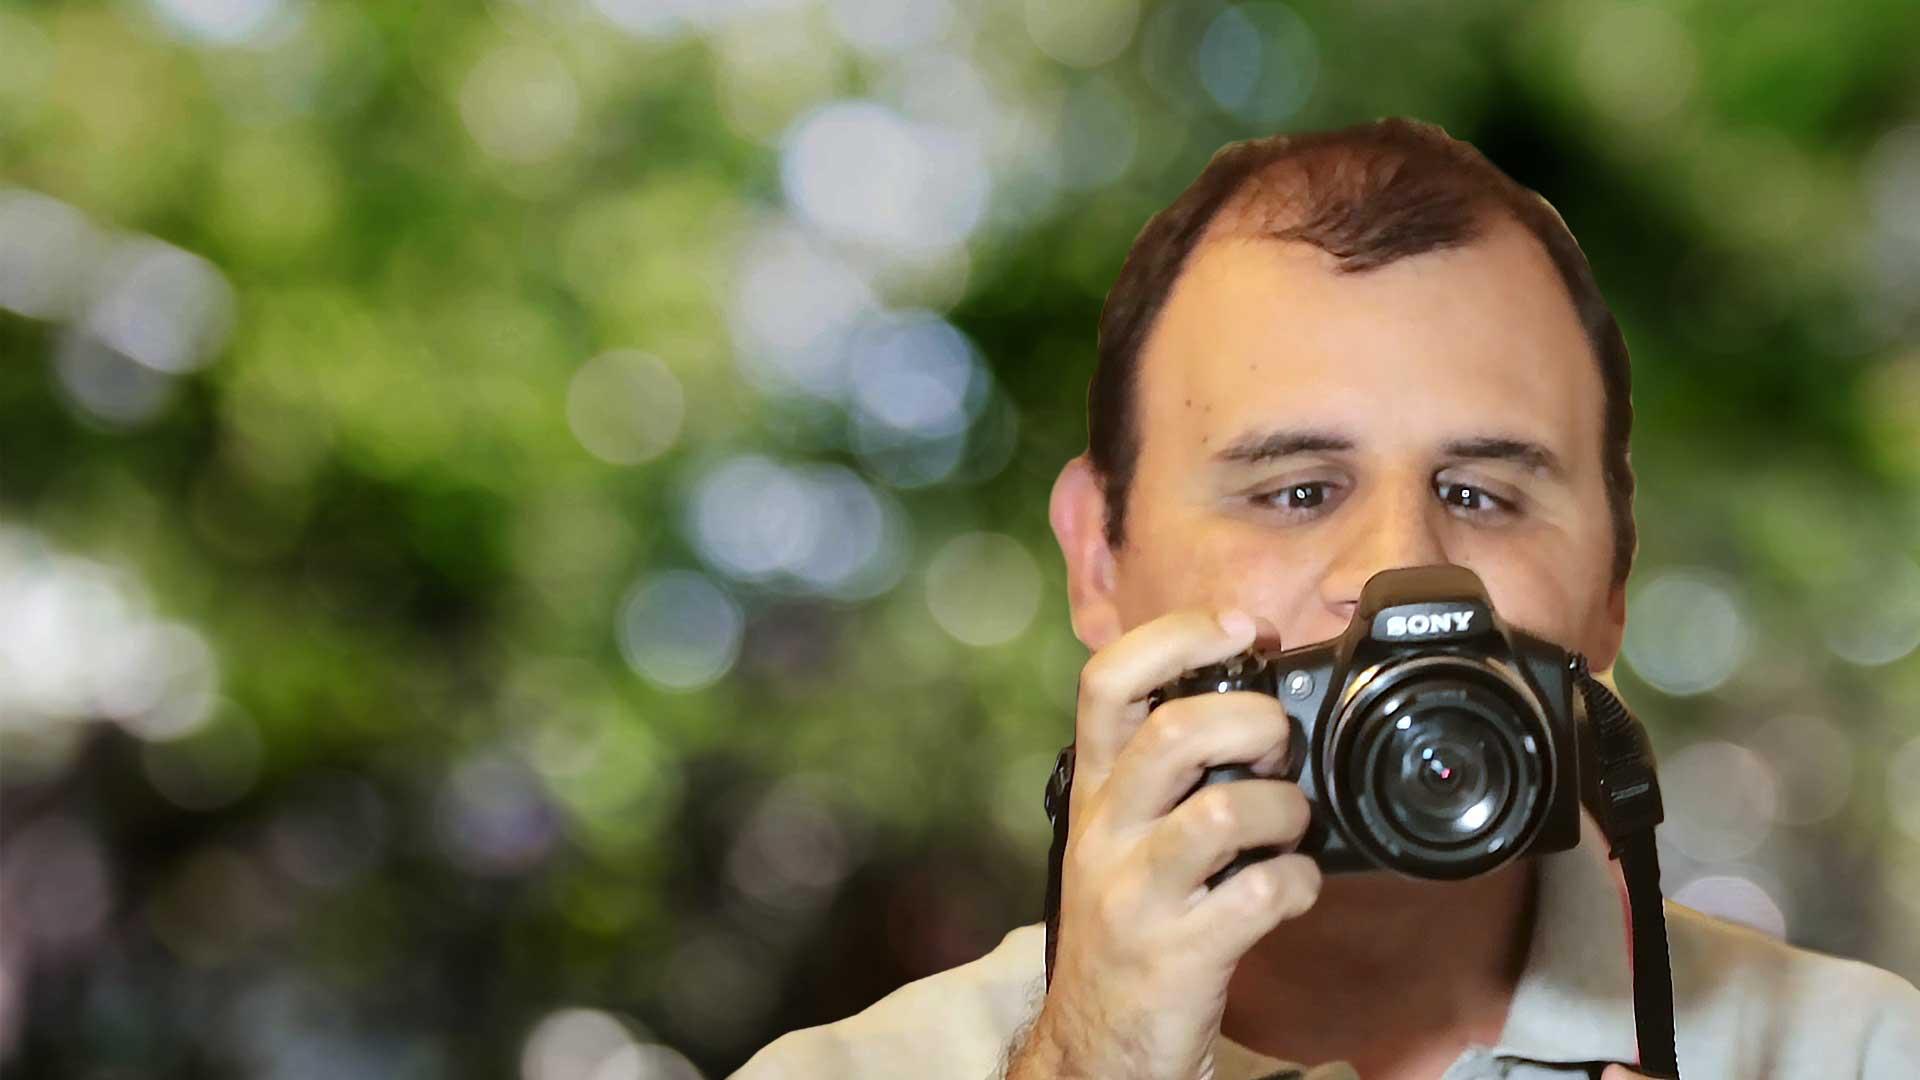 有趣的短视频 ZoominTV 你相信盲人也可以摄影吗?